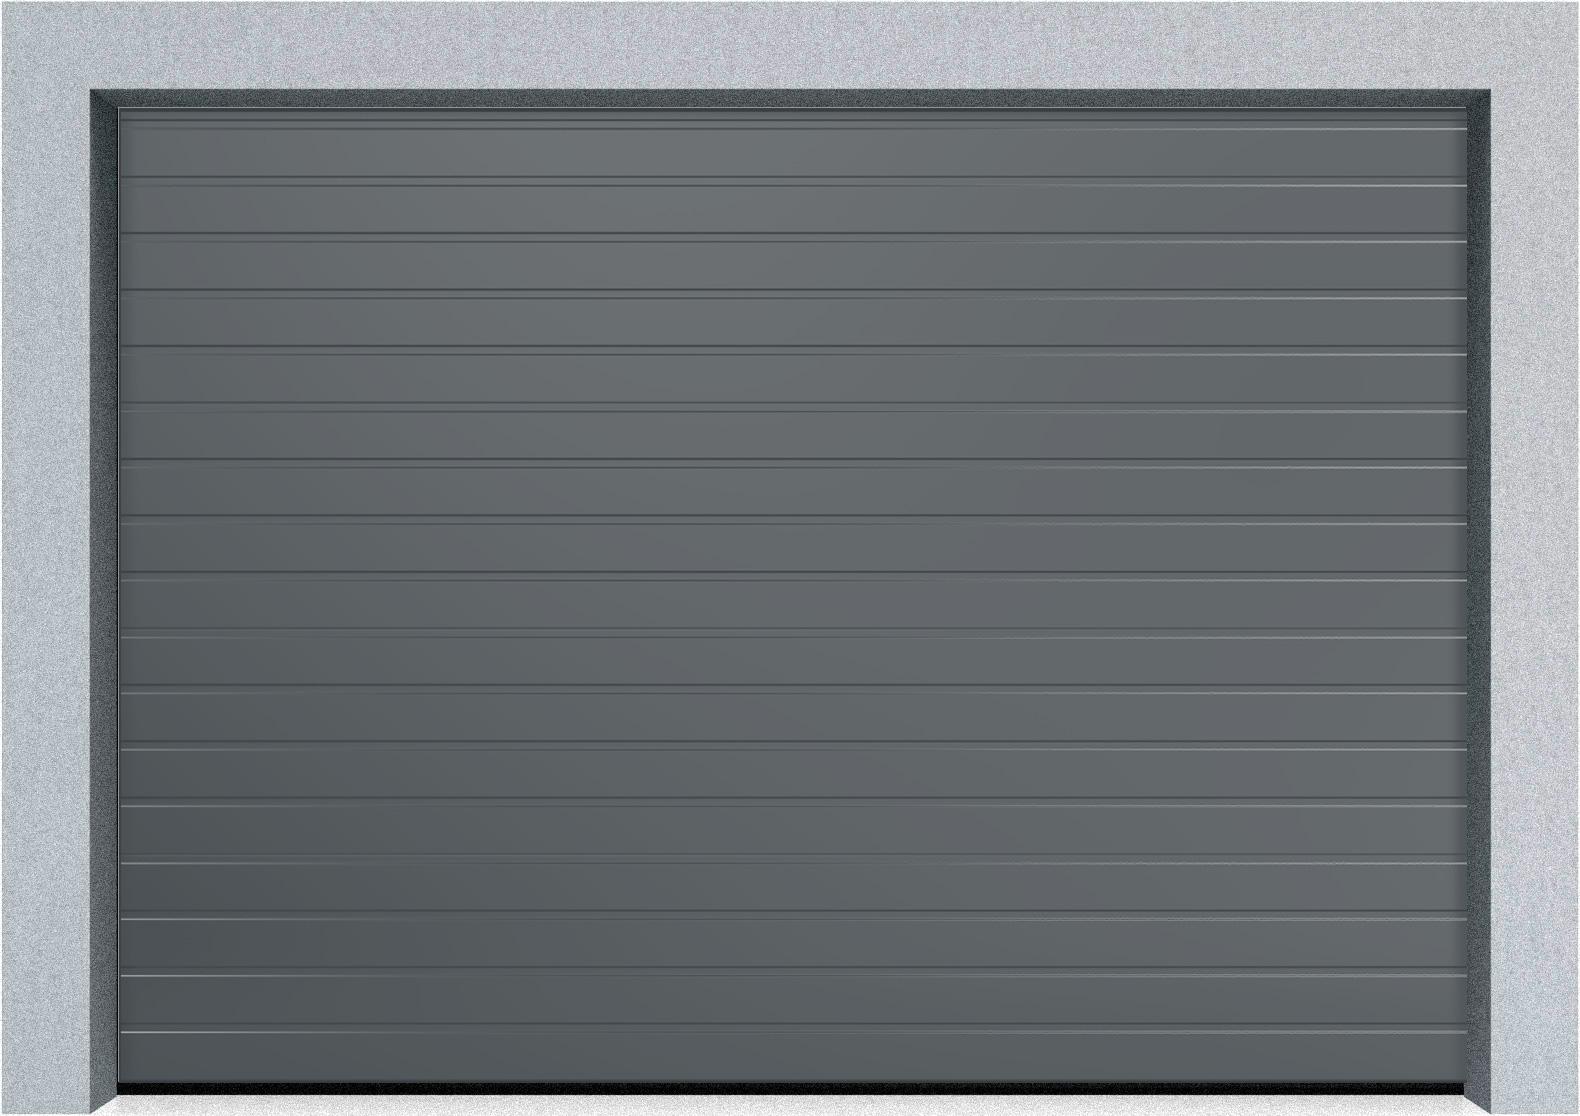 Секционные промышленные ворота Alutech ProTrend 2750х2250 S-гофр, Микроволна стандартные цвета, фото 9